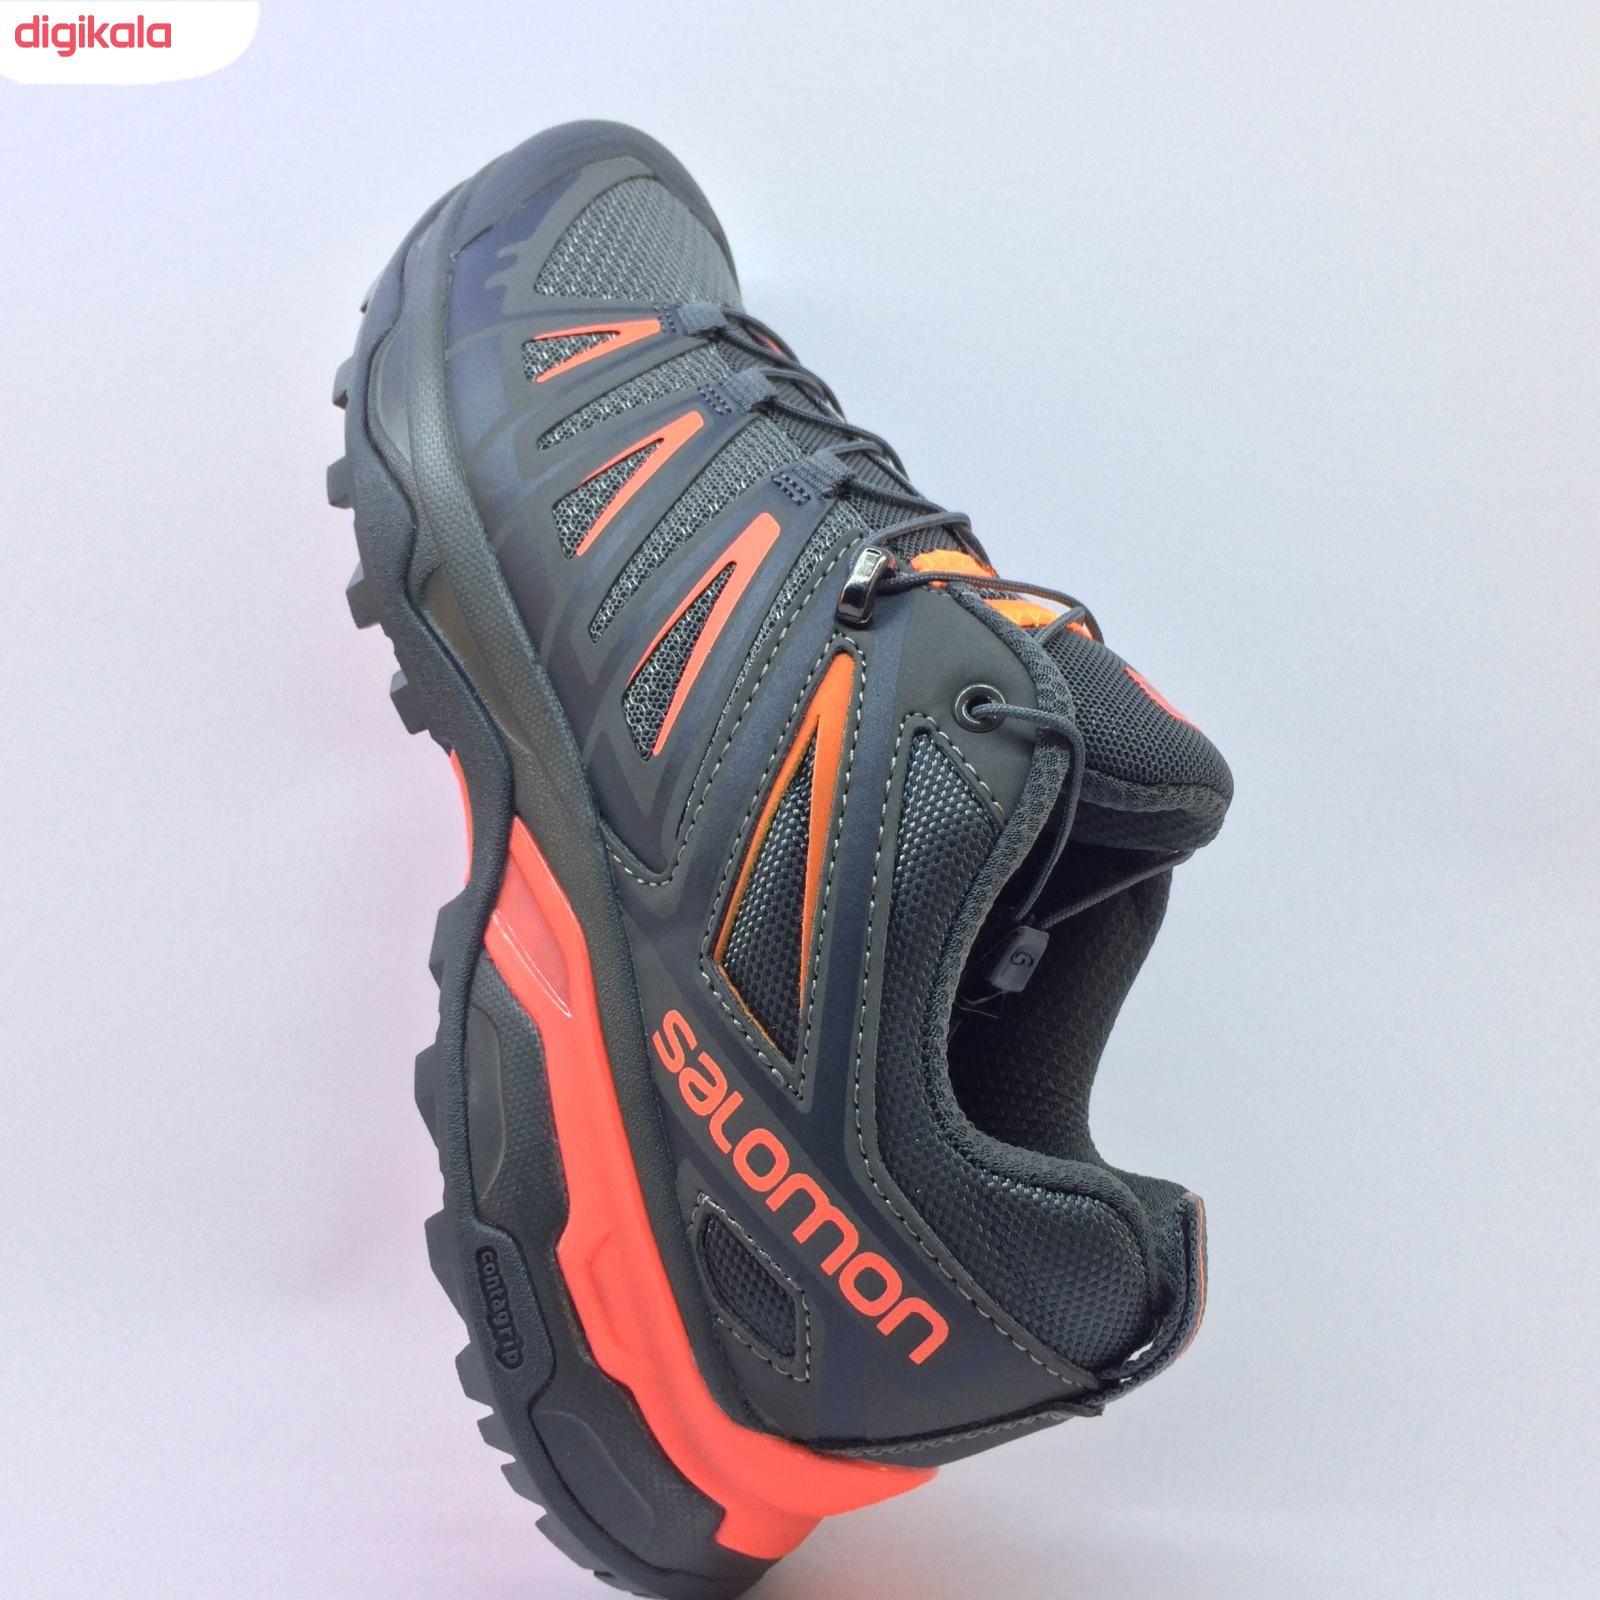 کفش کوهنوردی مردانه  مدل X-ultra3 main 1 3